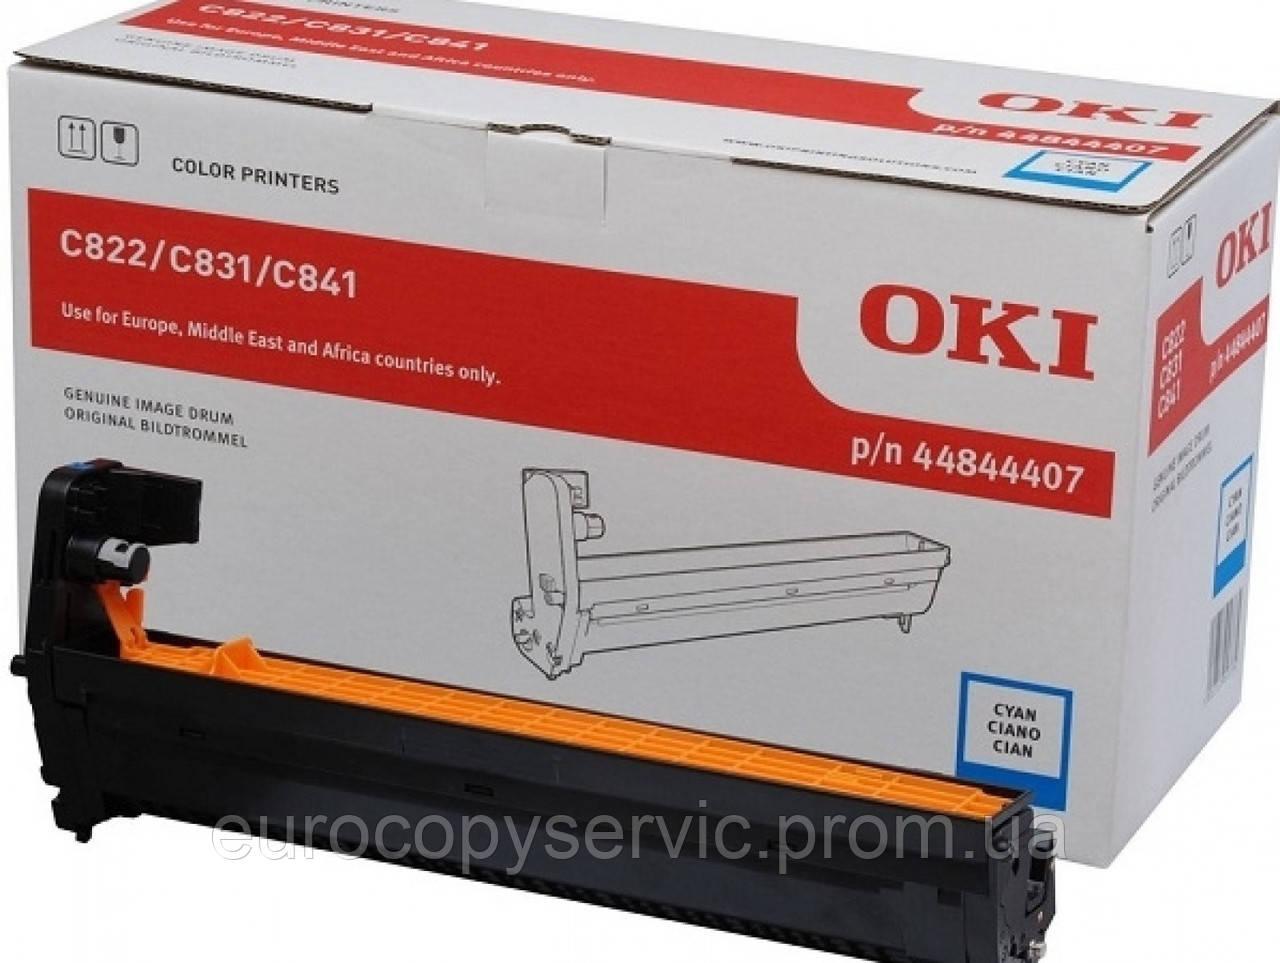 Драм-картридж OKI EP-CART-C-C831/841/822 Cyan 44844407